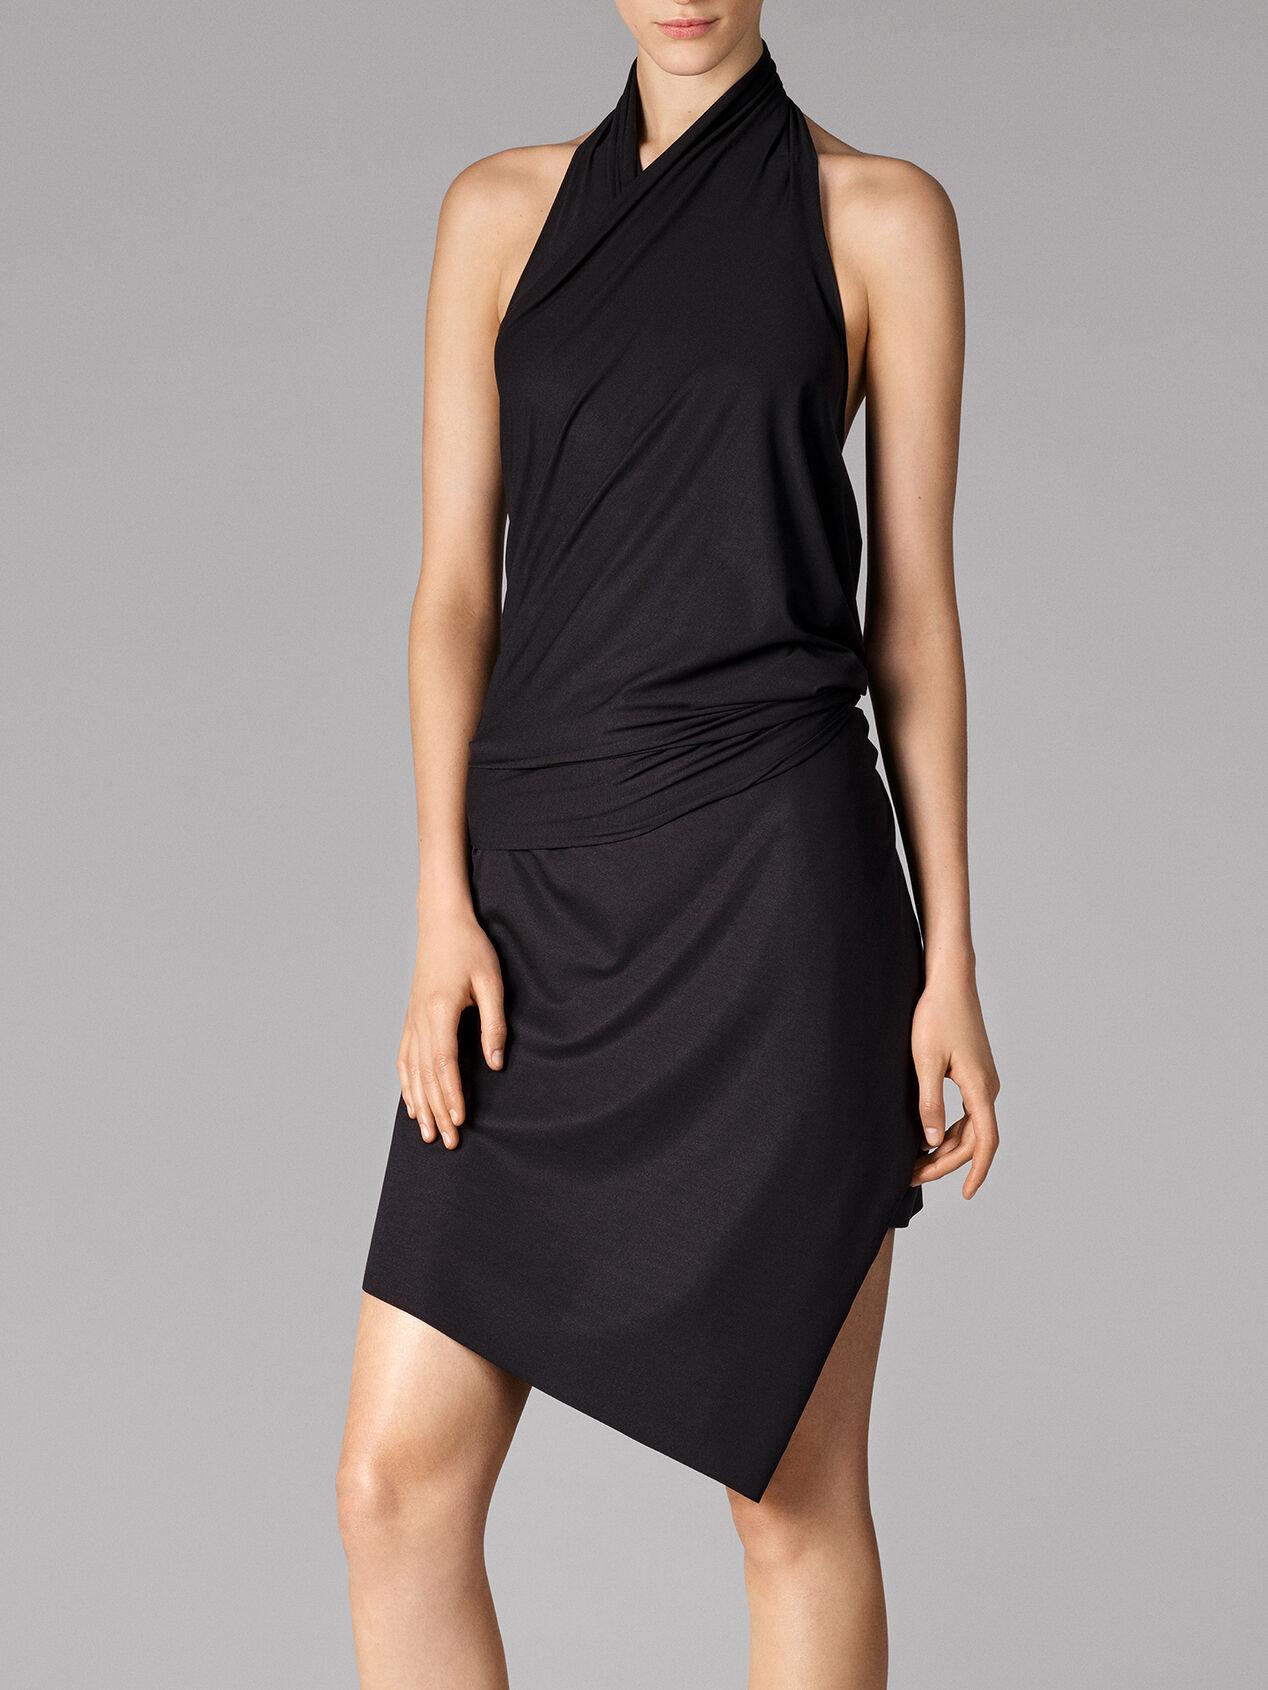 1c72c3518e7c Pure Summer Dress